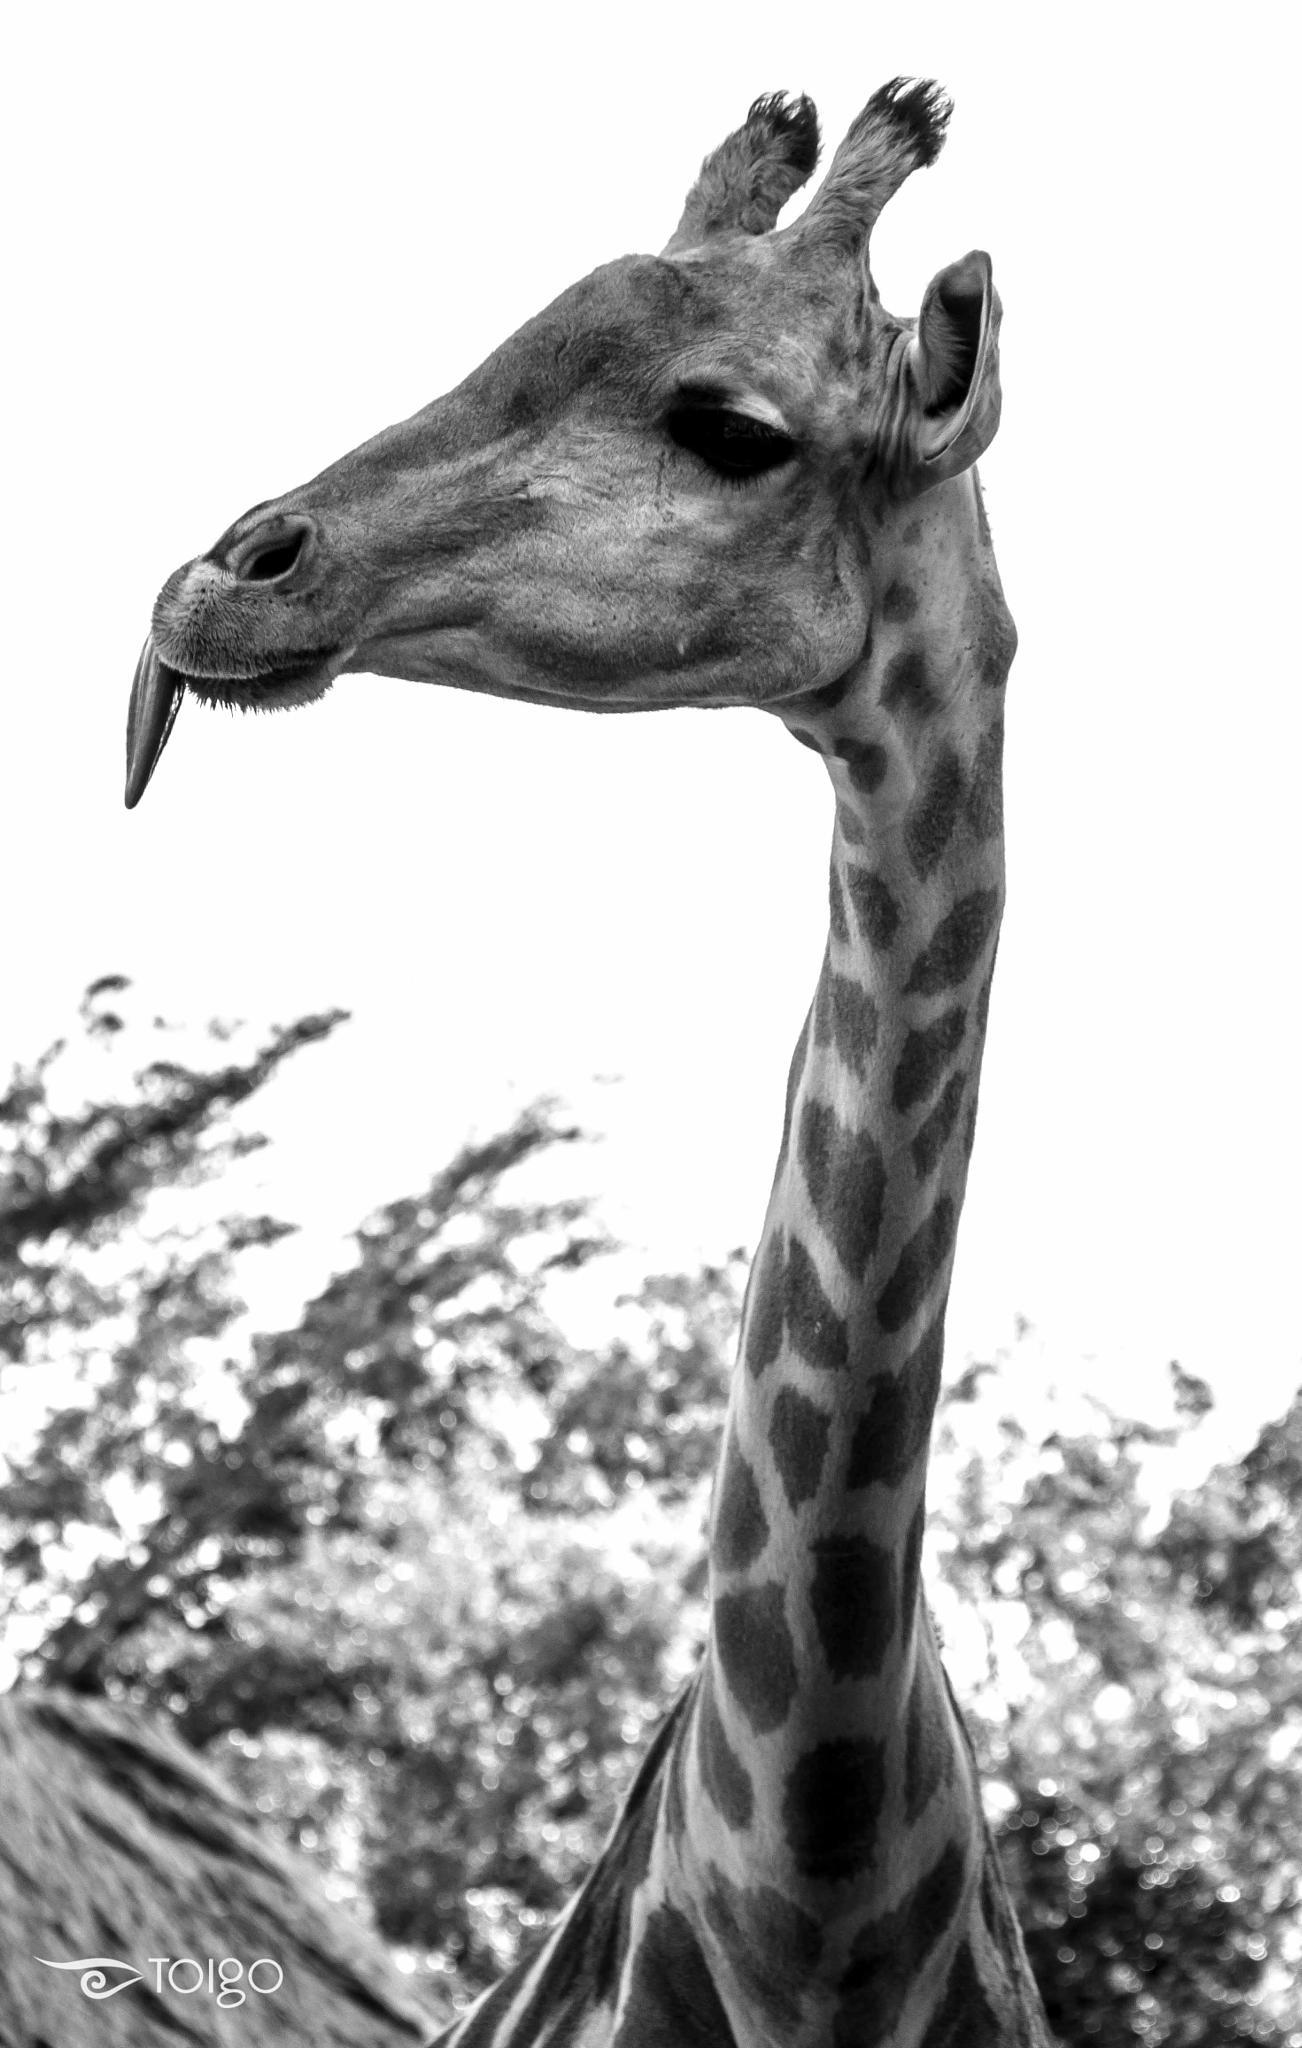 Giraffe by carlostoigo